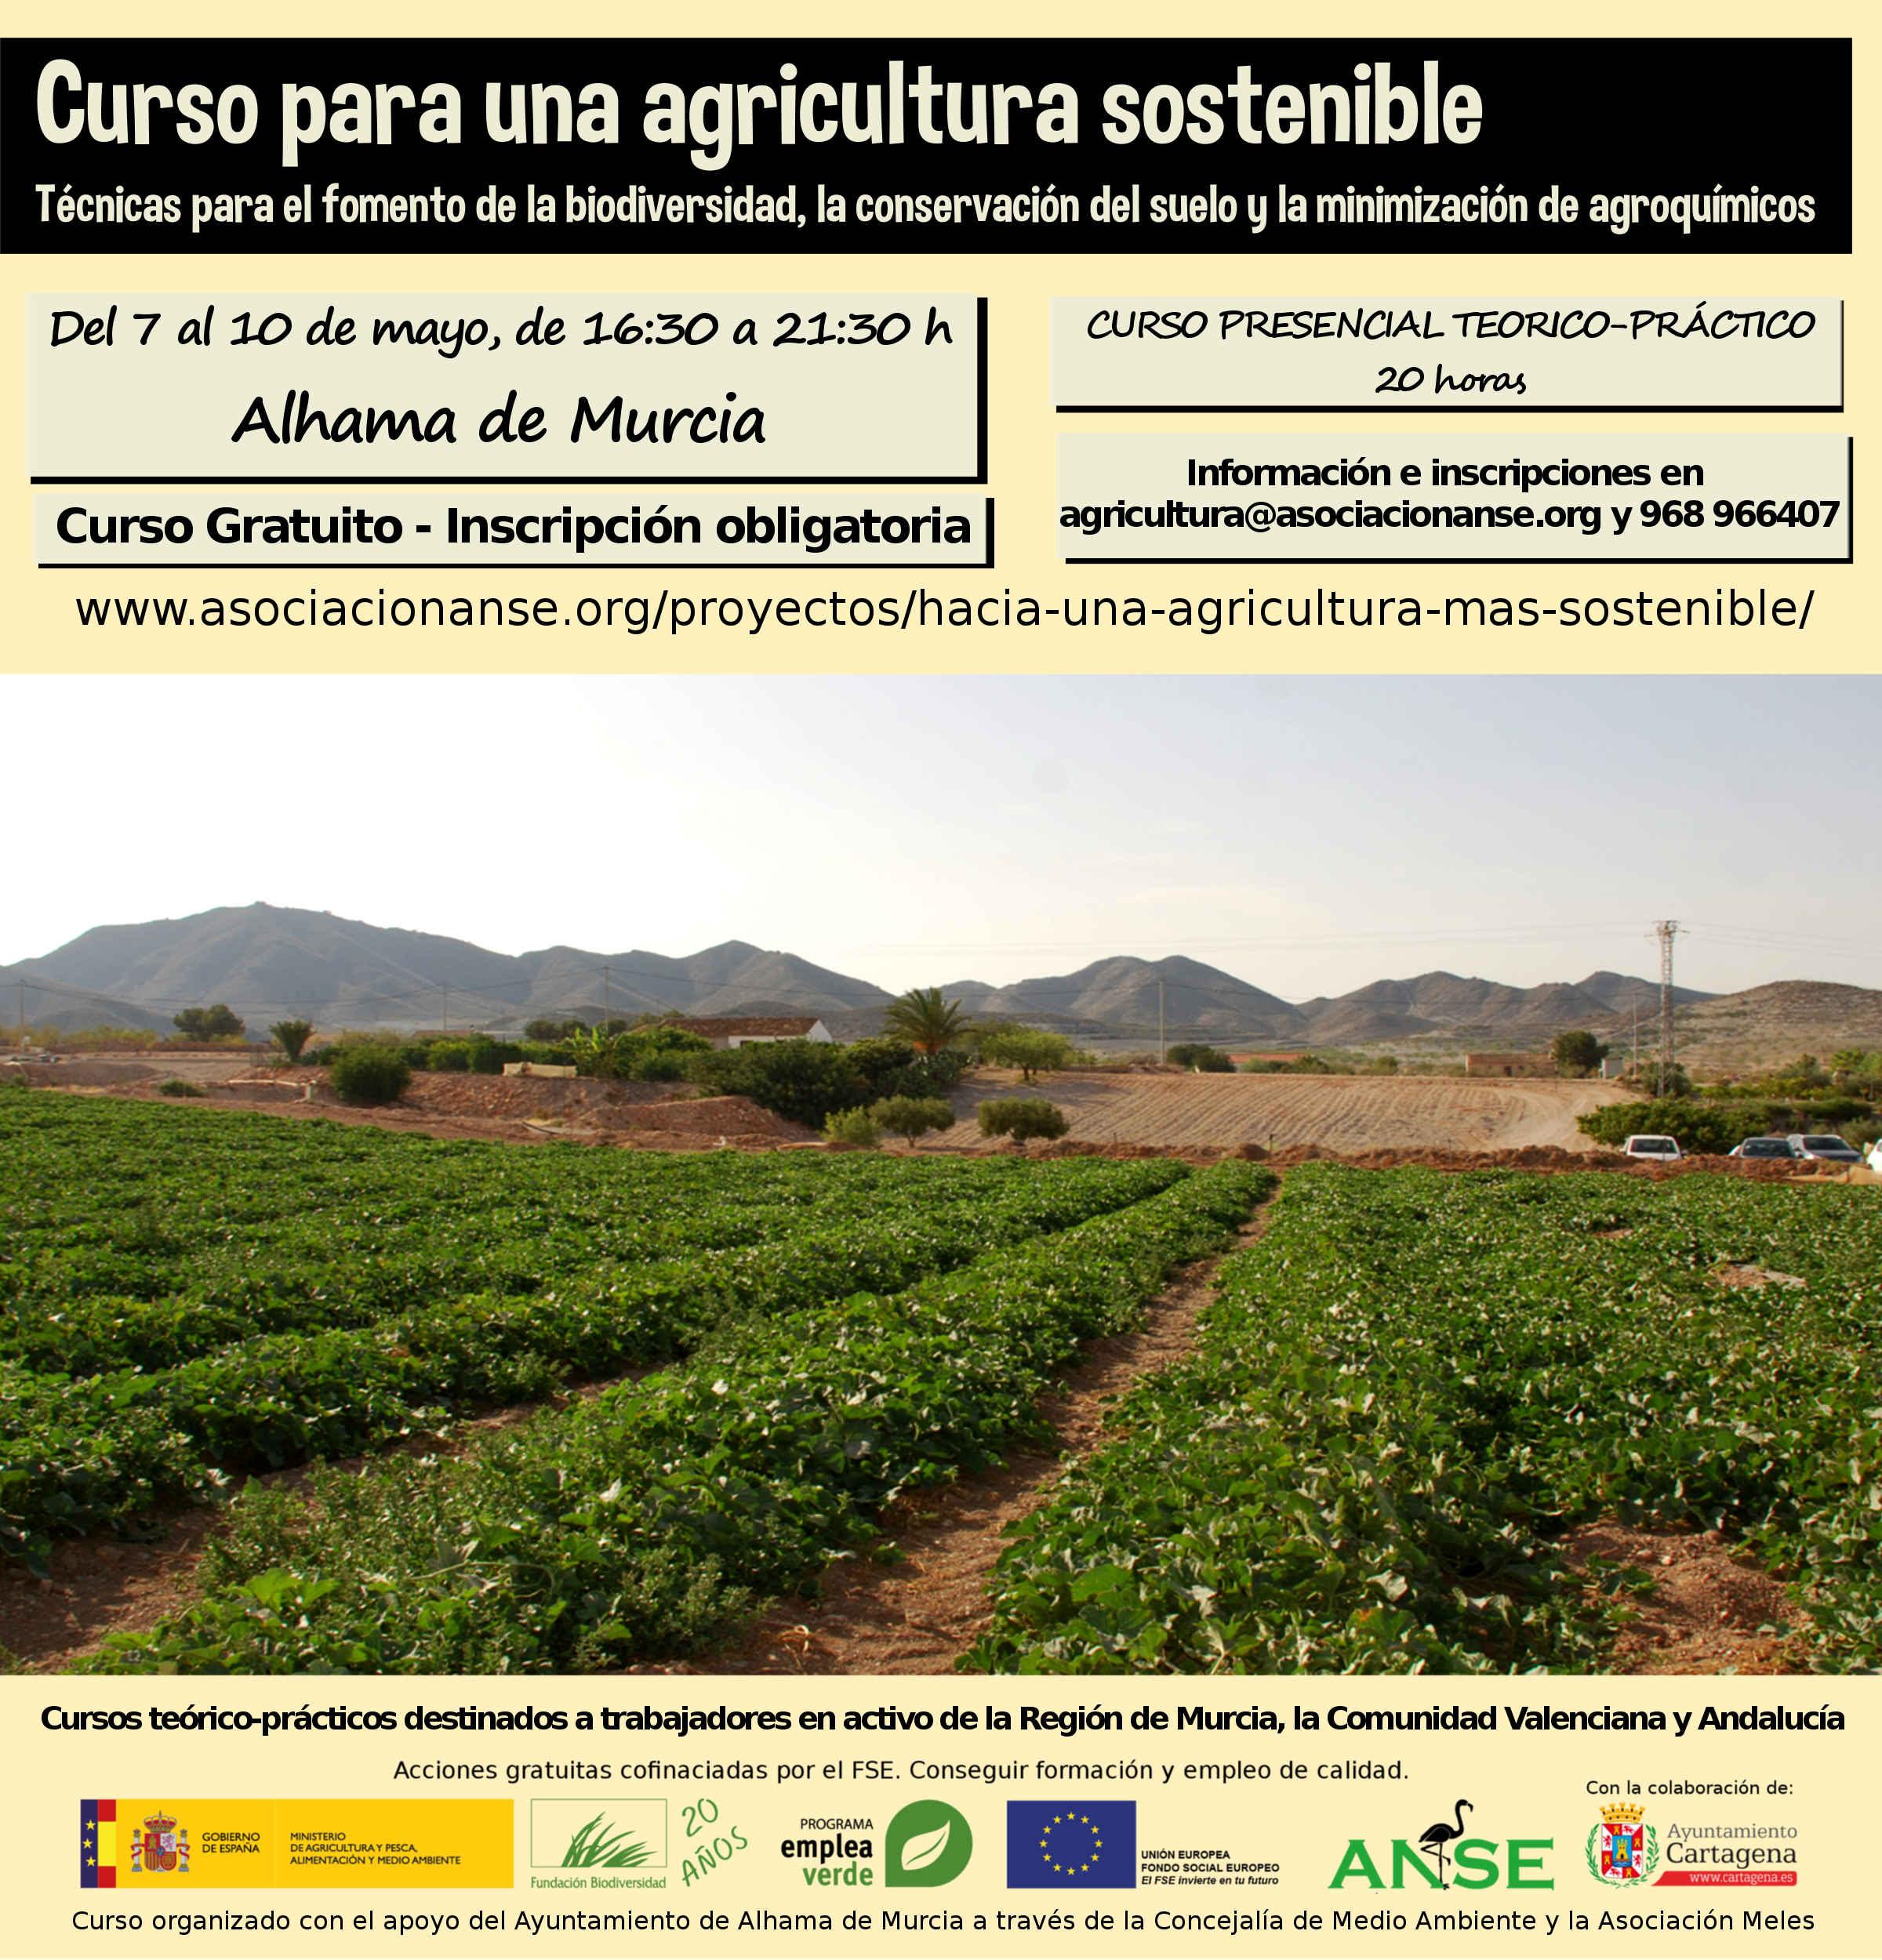 Curso para una agricultura sostenible, de ANSE